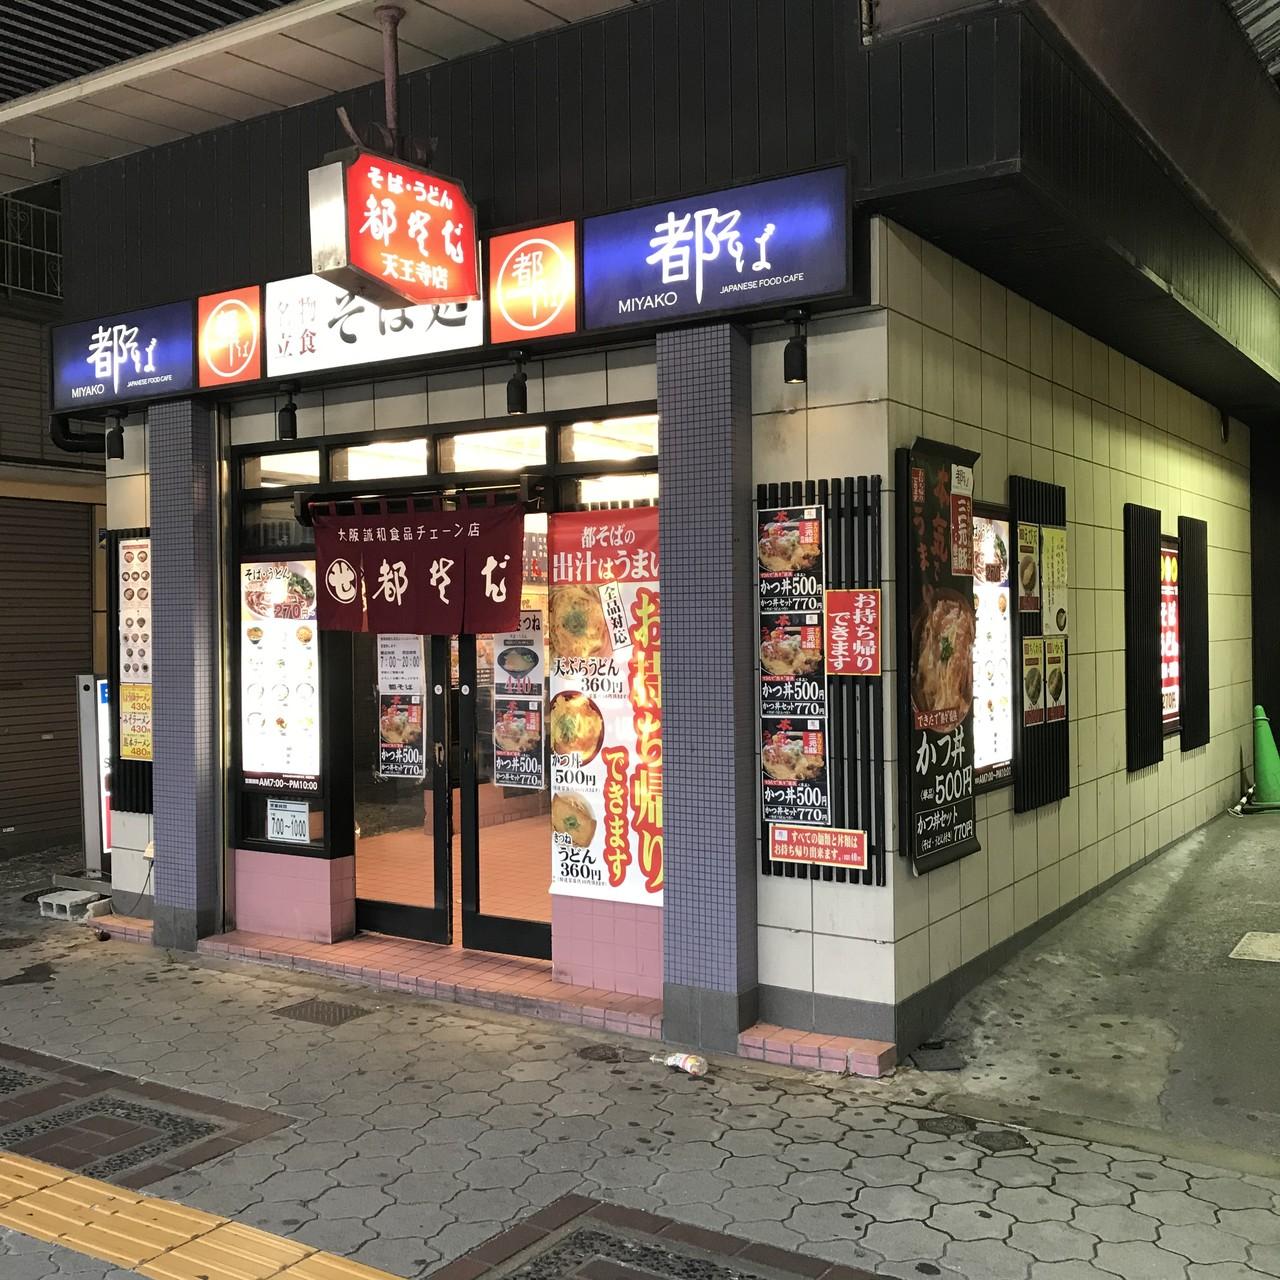 都そば (天王寺店) image